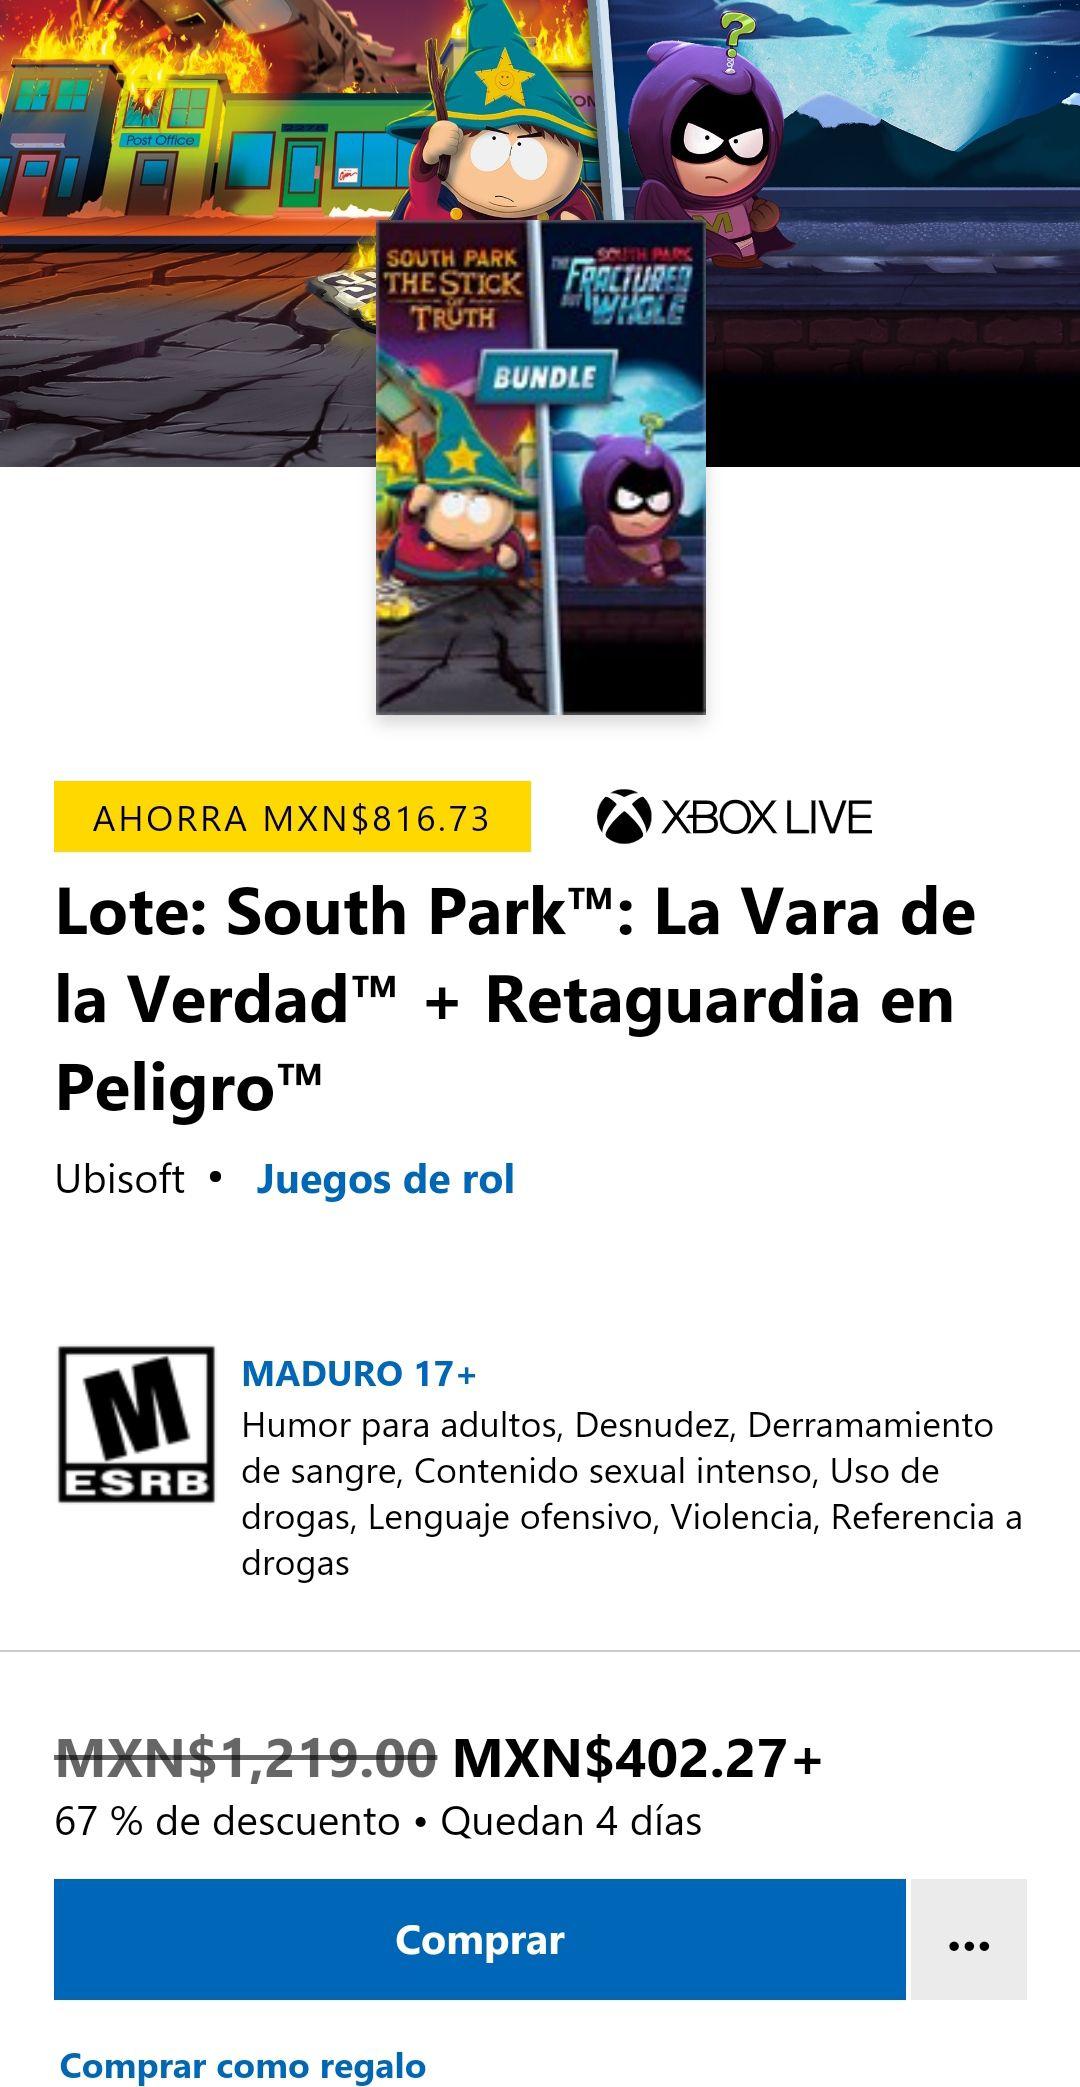 Xbox: South park los 2 juegos la vara de la verdad y retaguardia en peligro